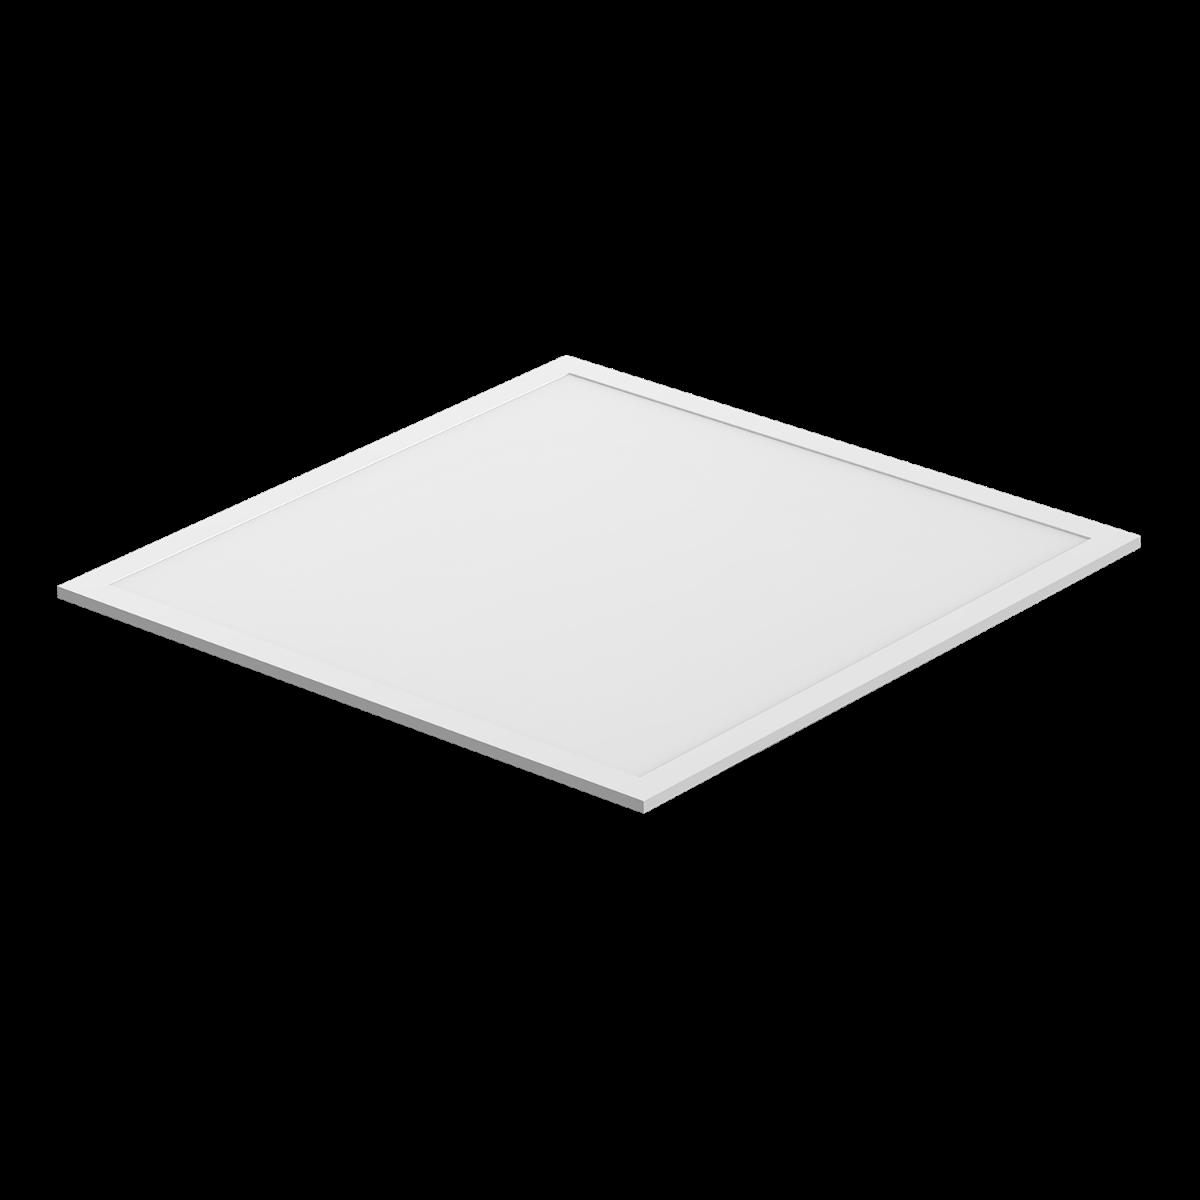 Noxion LED Paneeli Econox 32W Xitanium DALI 60x60cm 4000K 4400lm UGR <22 | Dali Himmennettävä - Kylmä Valkoinen - Korvaa 4x18W